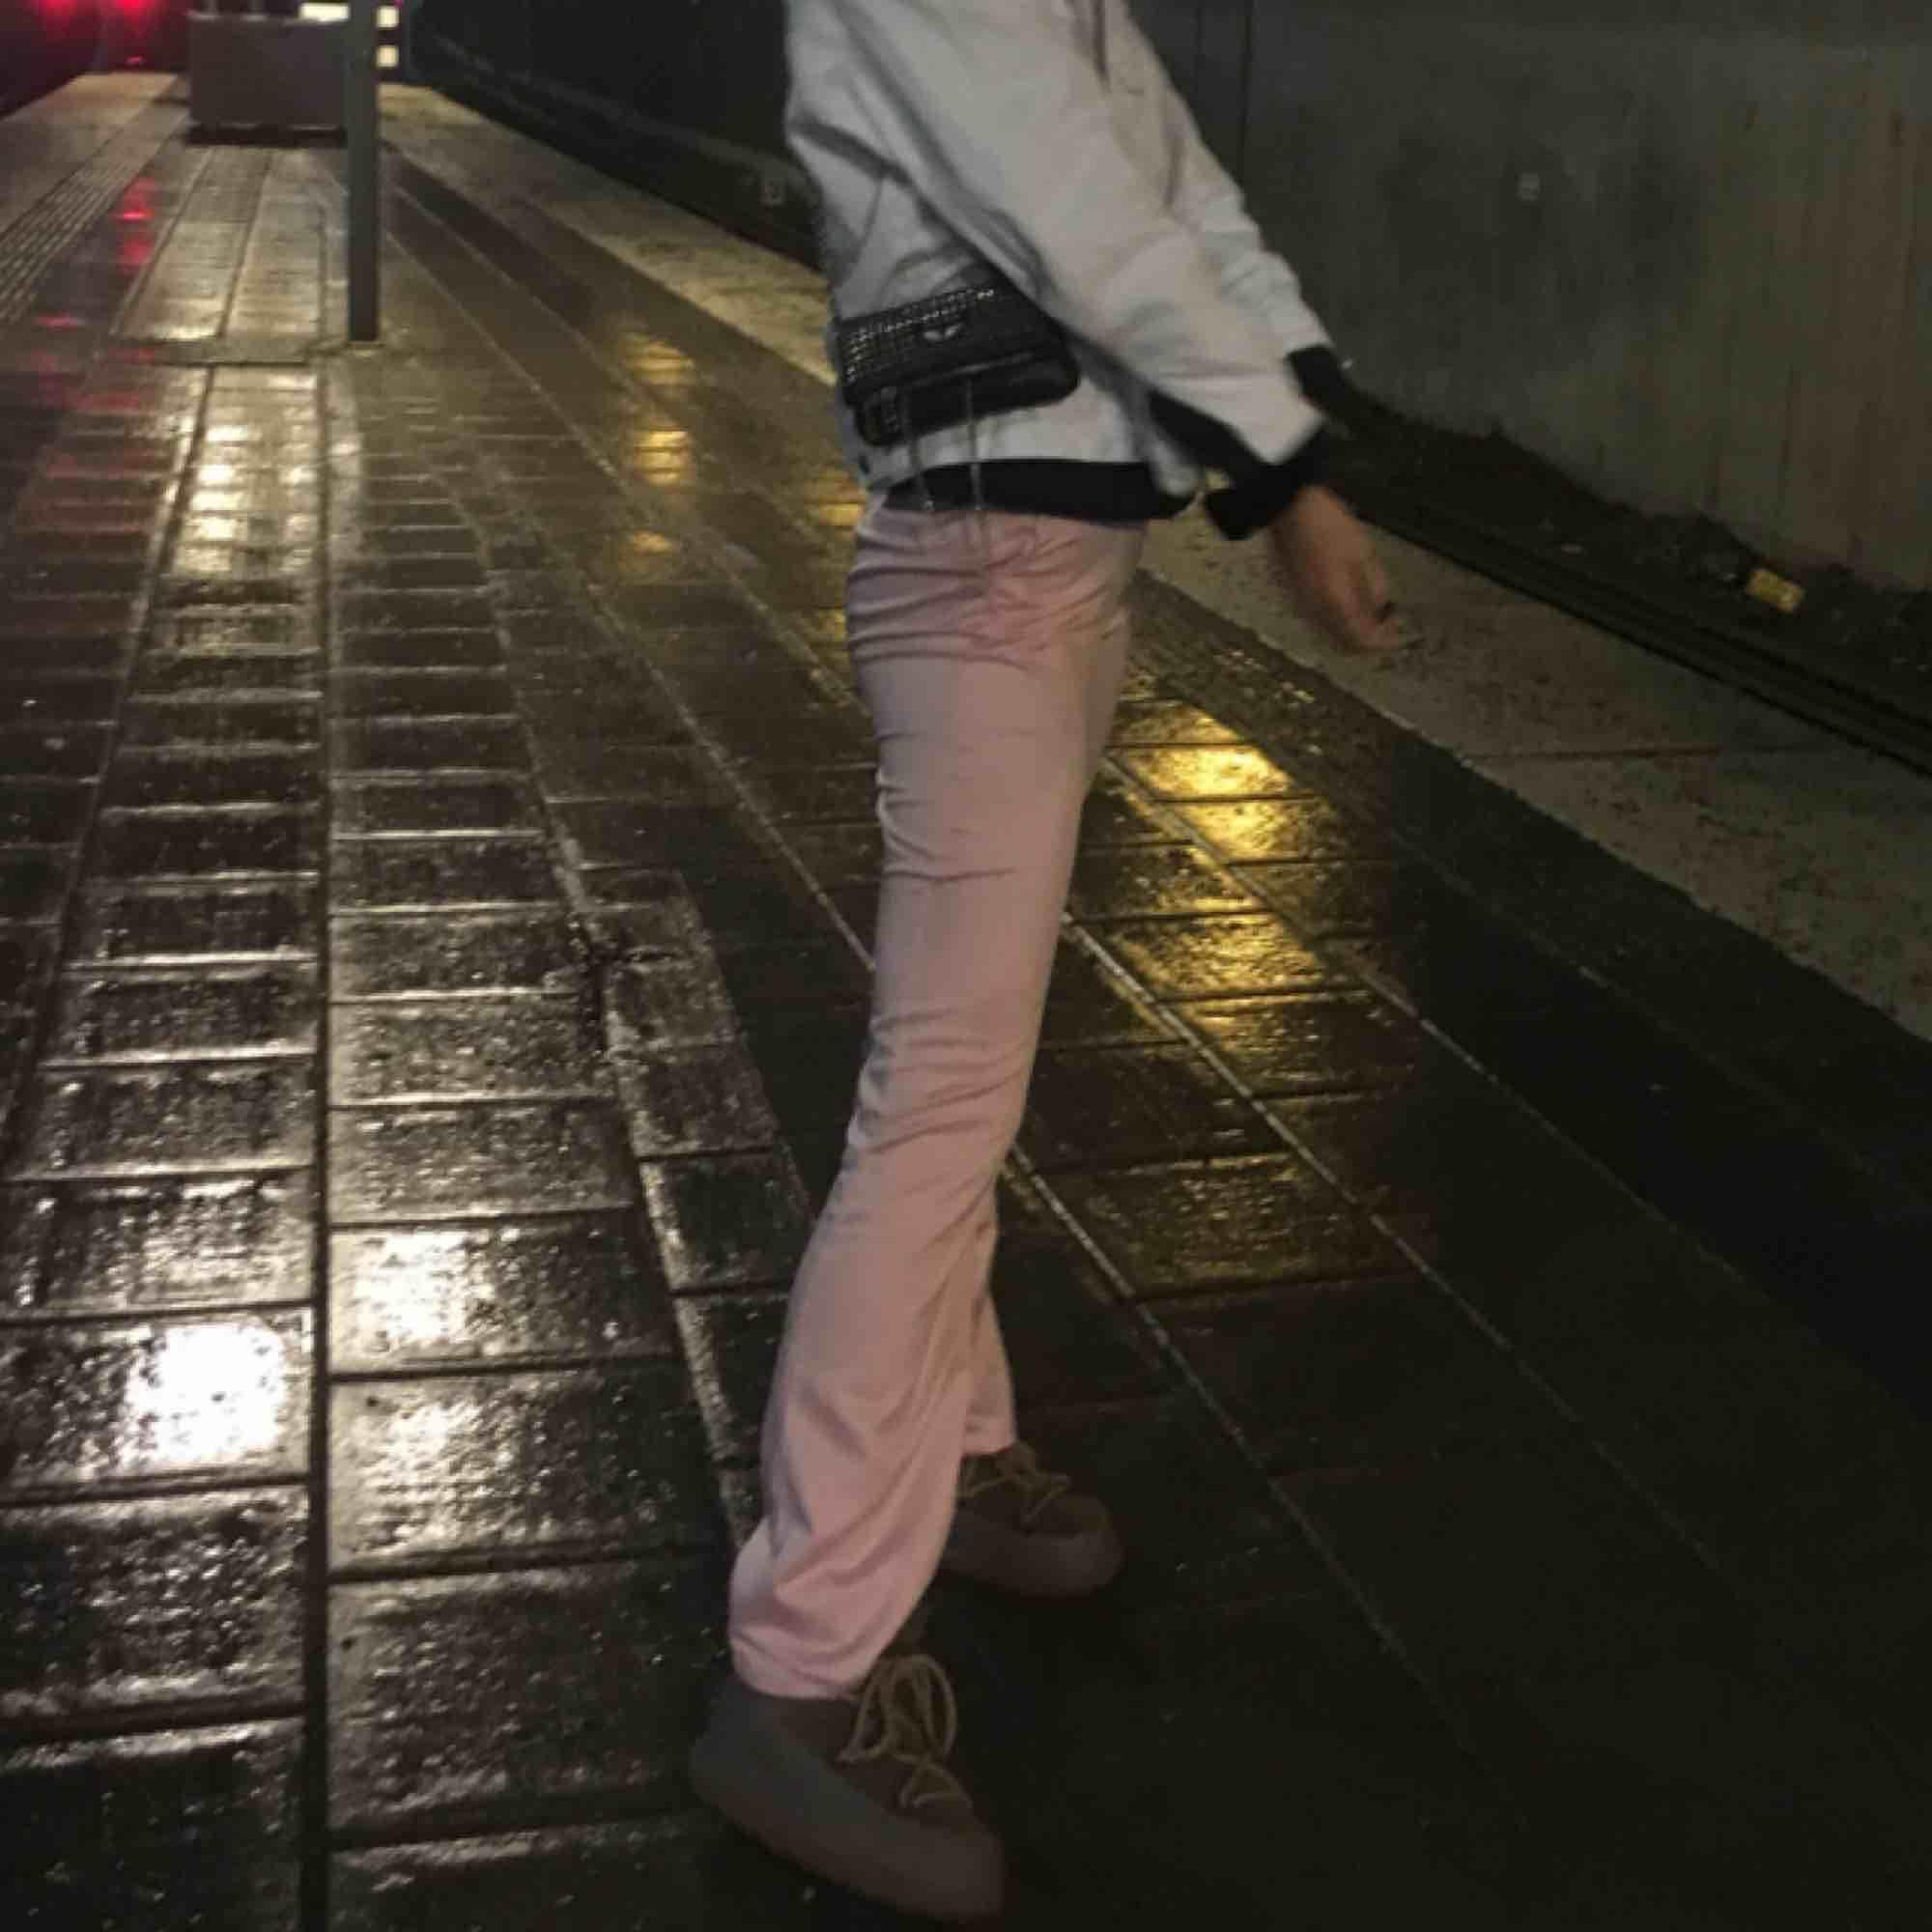 Sælger disse vidunderlige bukser i pulverrosa fra NAKD, de bruges ca. 2 gange og er et yndlingsbeklædningsgenstand i garderobeskabet, som desværre ikke er kommet til at bruge: (kan møde i Sthlm eller fragt) kan selvfølgelig gå ned i pris på hurtigbutik. Jeans & bukser.